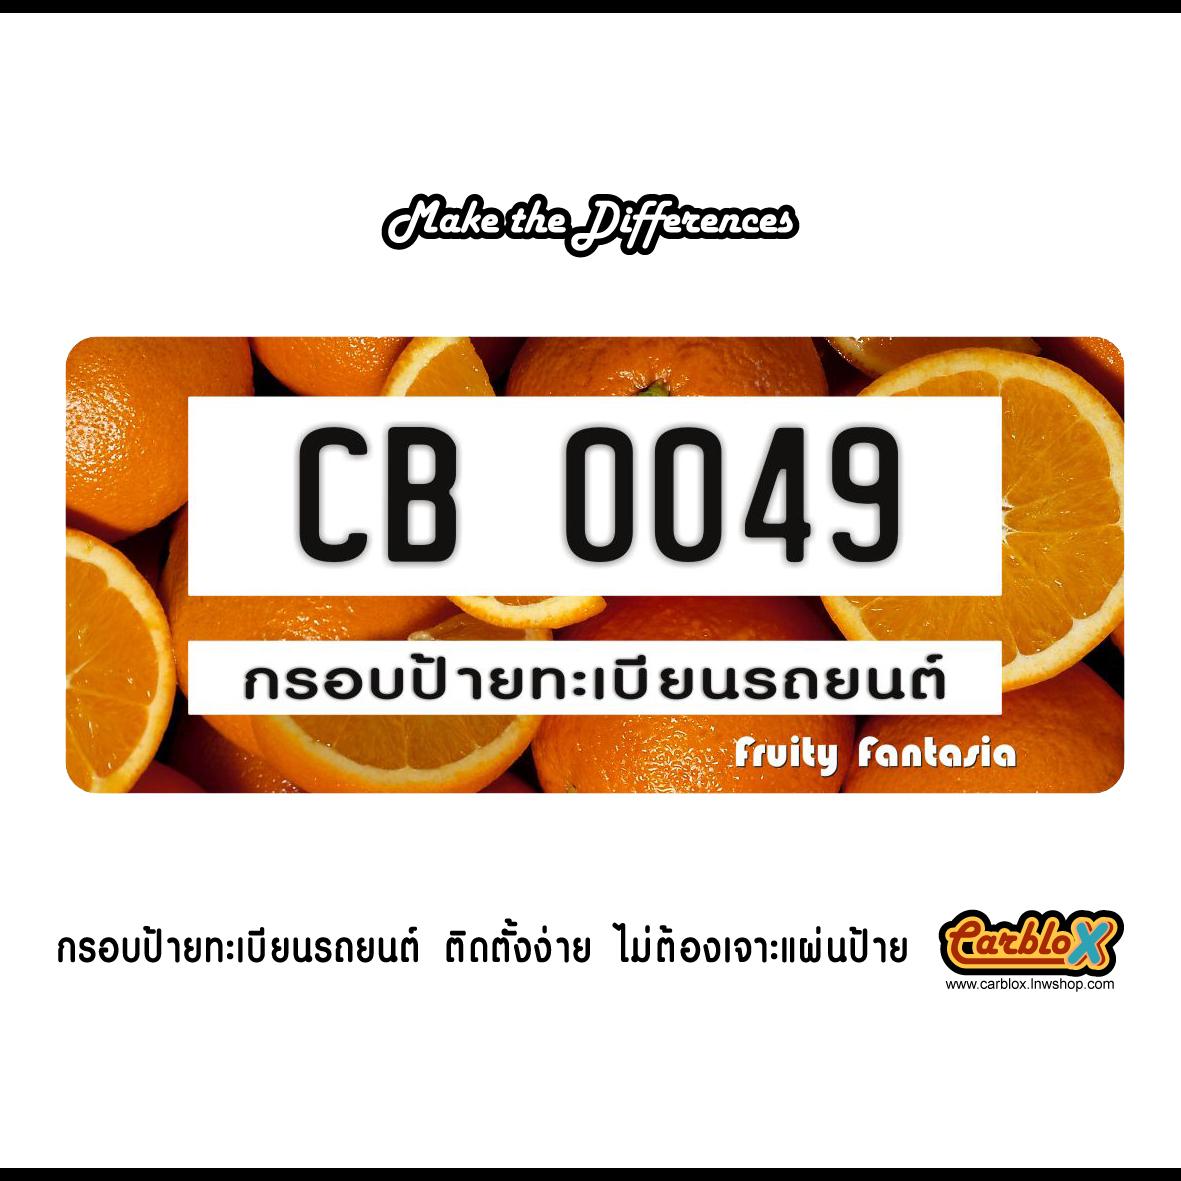 กรอบป้ายทะเบียนรถยนต์ CARBLOX ระหัส CB 0049 ลายผลไม้ FRUITS.